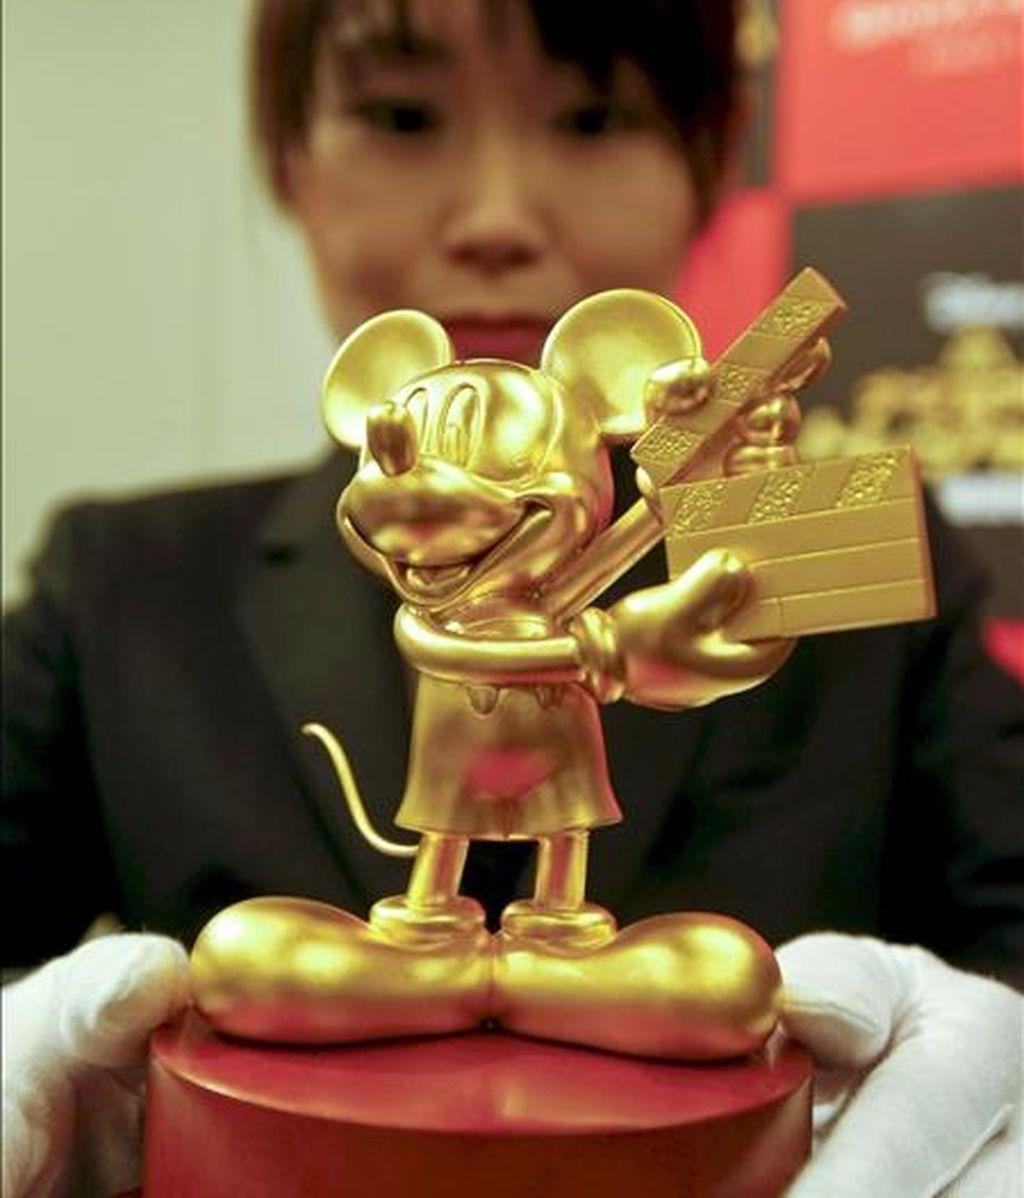 Una mujer coloca una figura de oro puro de Mickey Mouse en una rueda de prensa en Tokio (Japón). EFE/Archivo